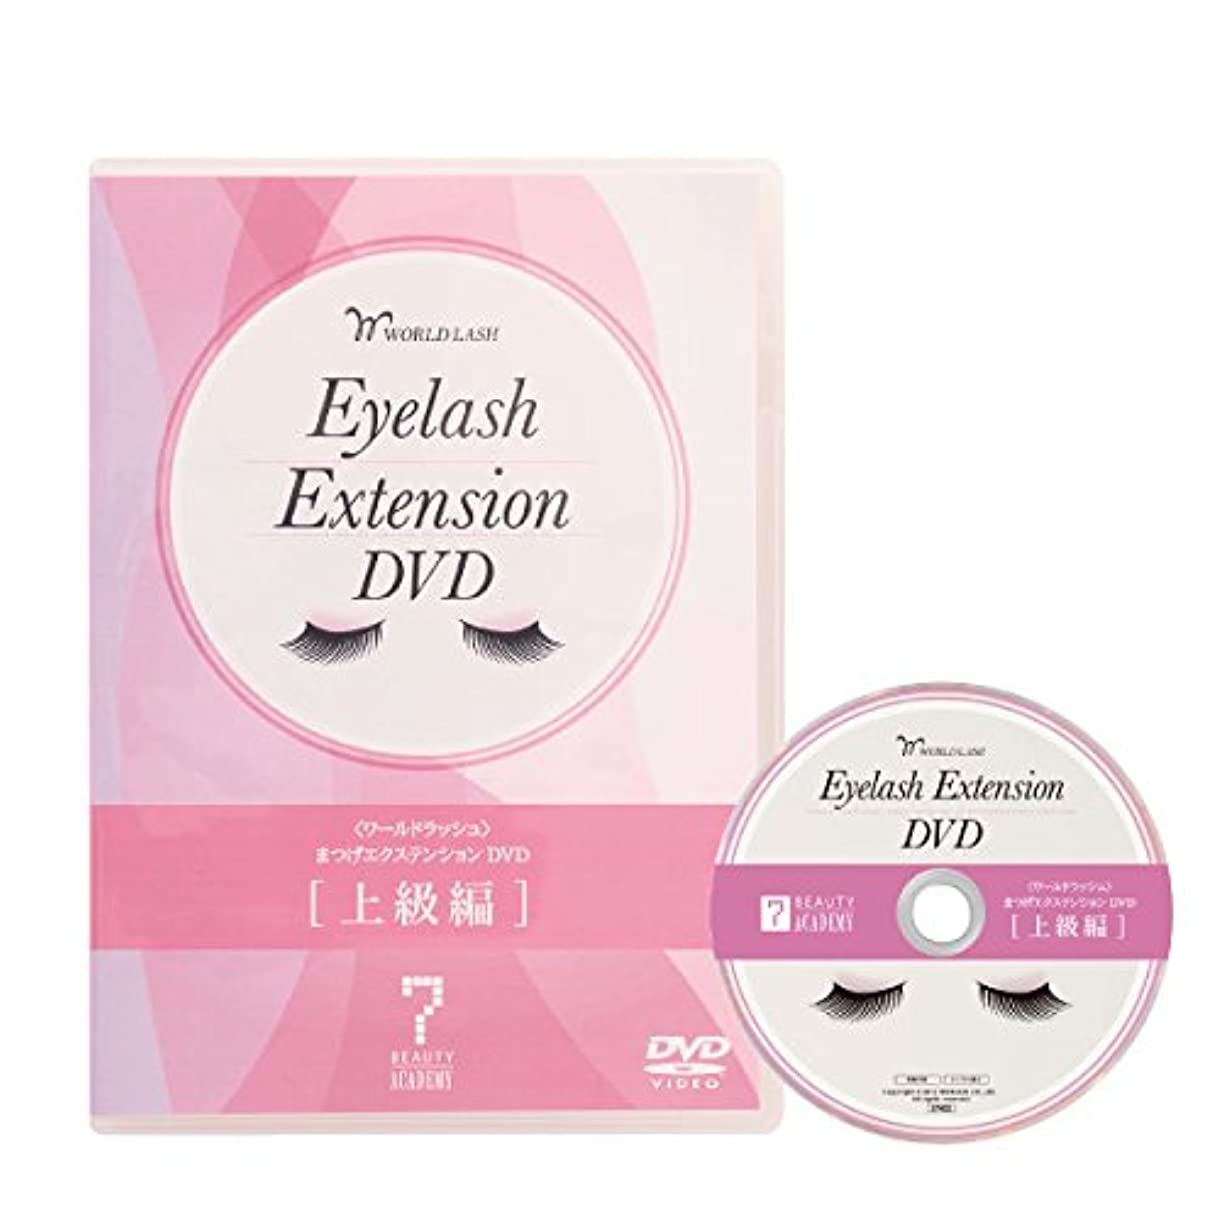 過敏なおもちゃ届ける< WORLD LASH > まつげエクステンション DVD (上級編) [ 教材 テキスト DVD まつげエクステ まつ毛エクステ まつエク マツエク サロン用 ]